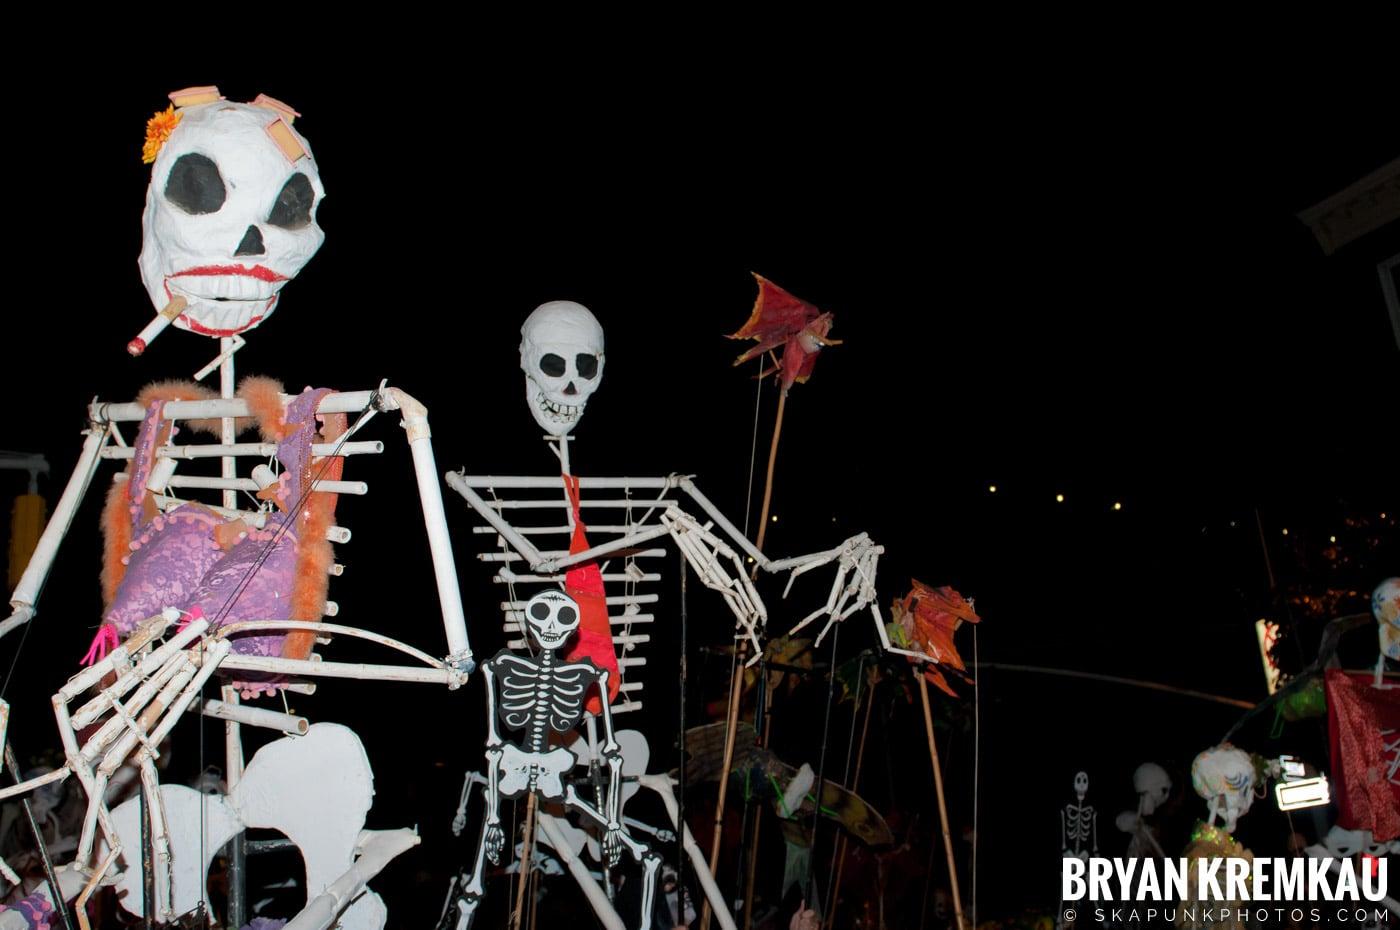 NYC Halloween Parade 2011 @ New York, NY - 10.31.11 (93)